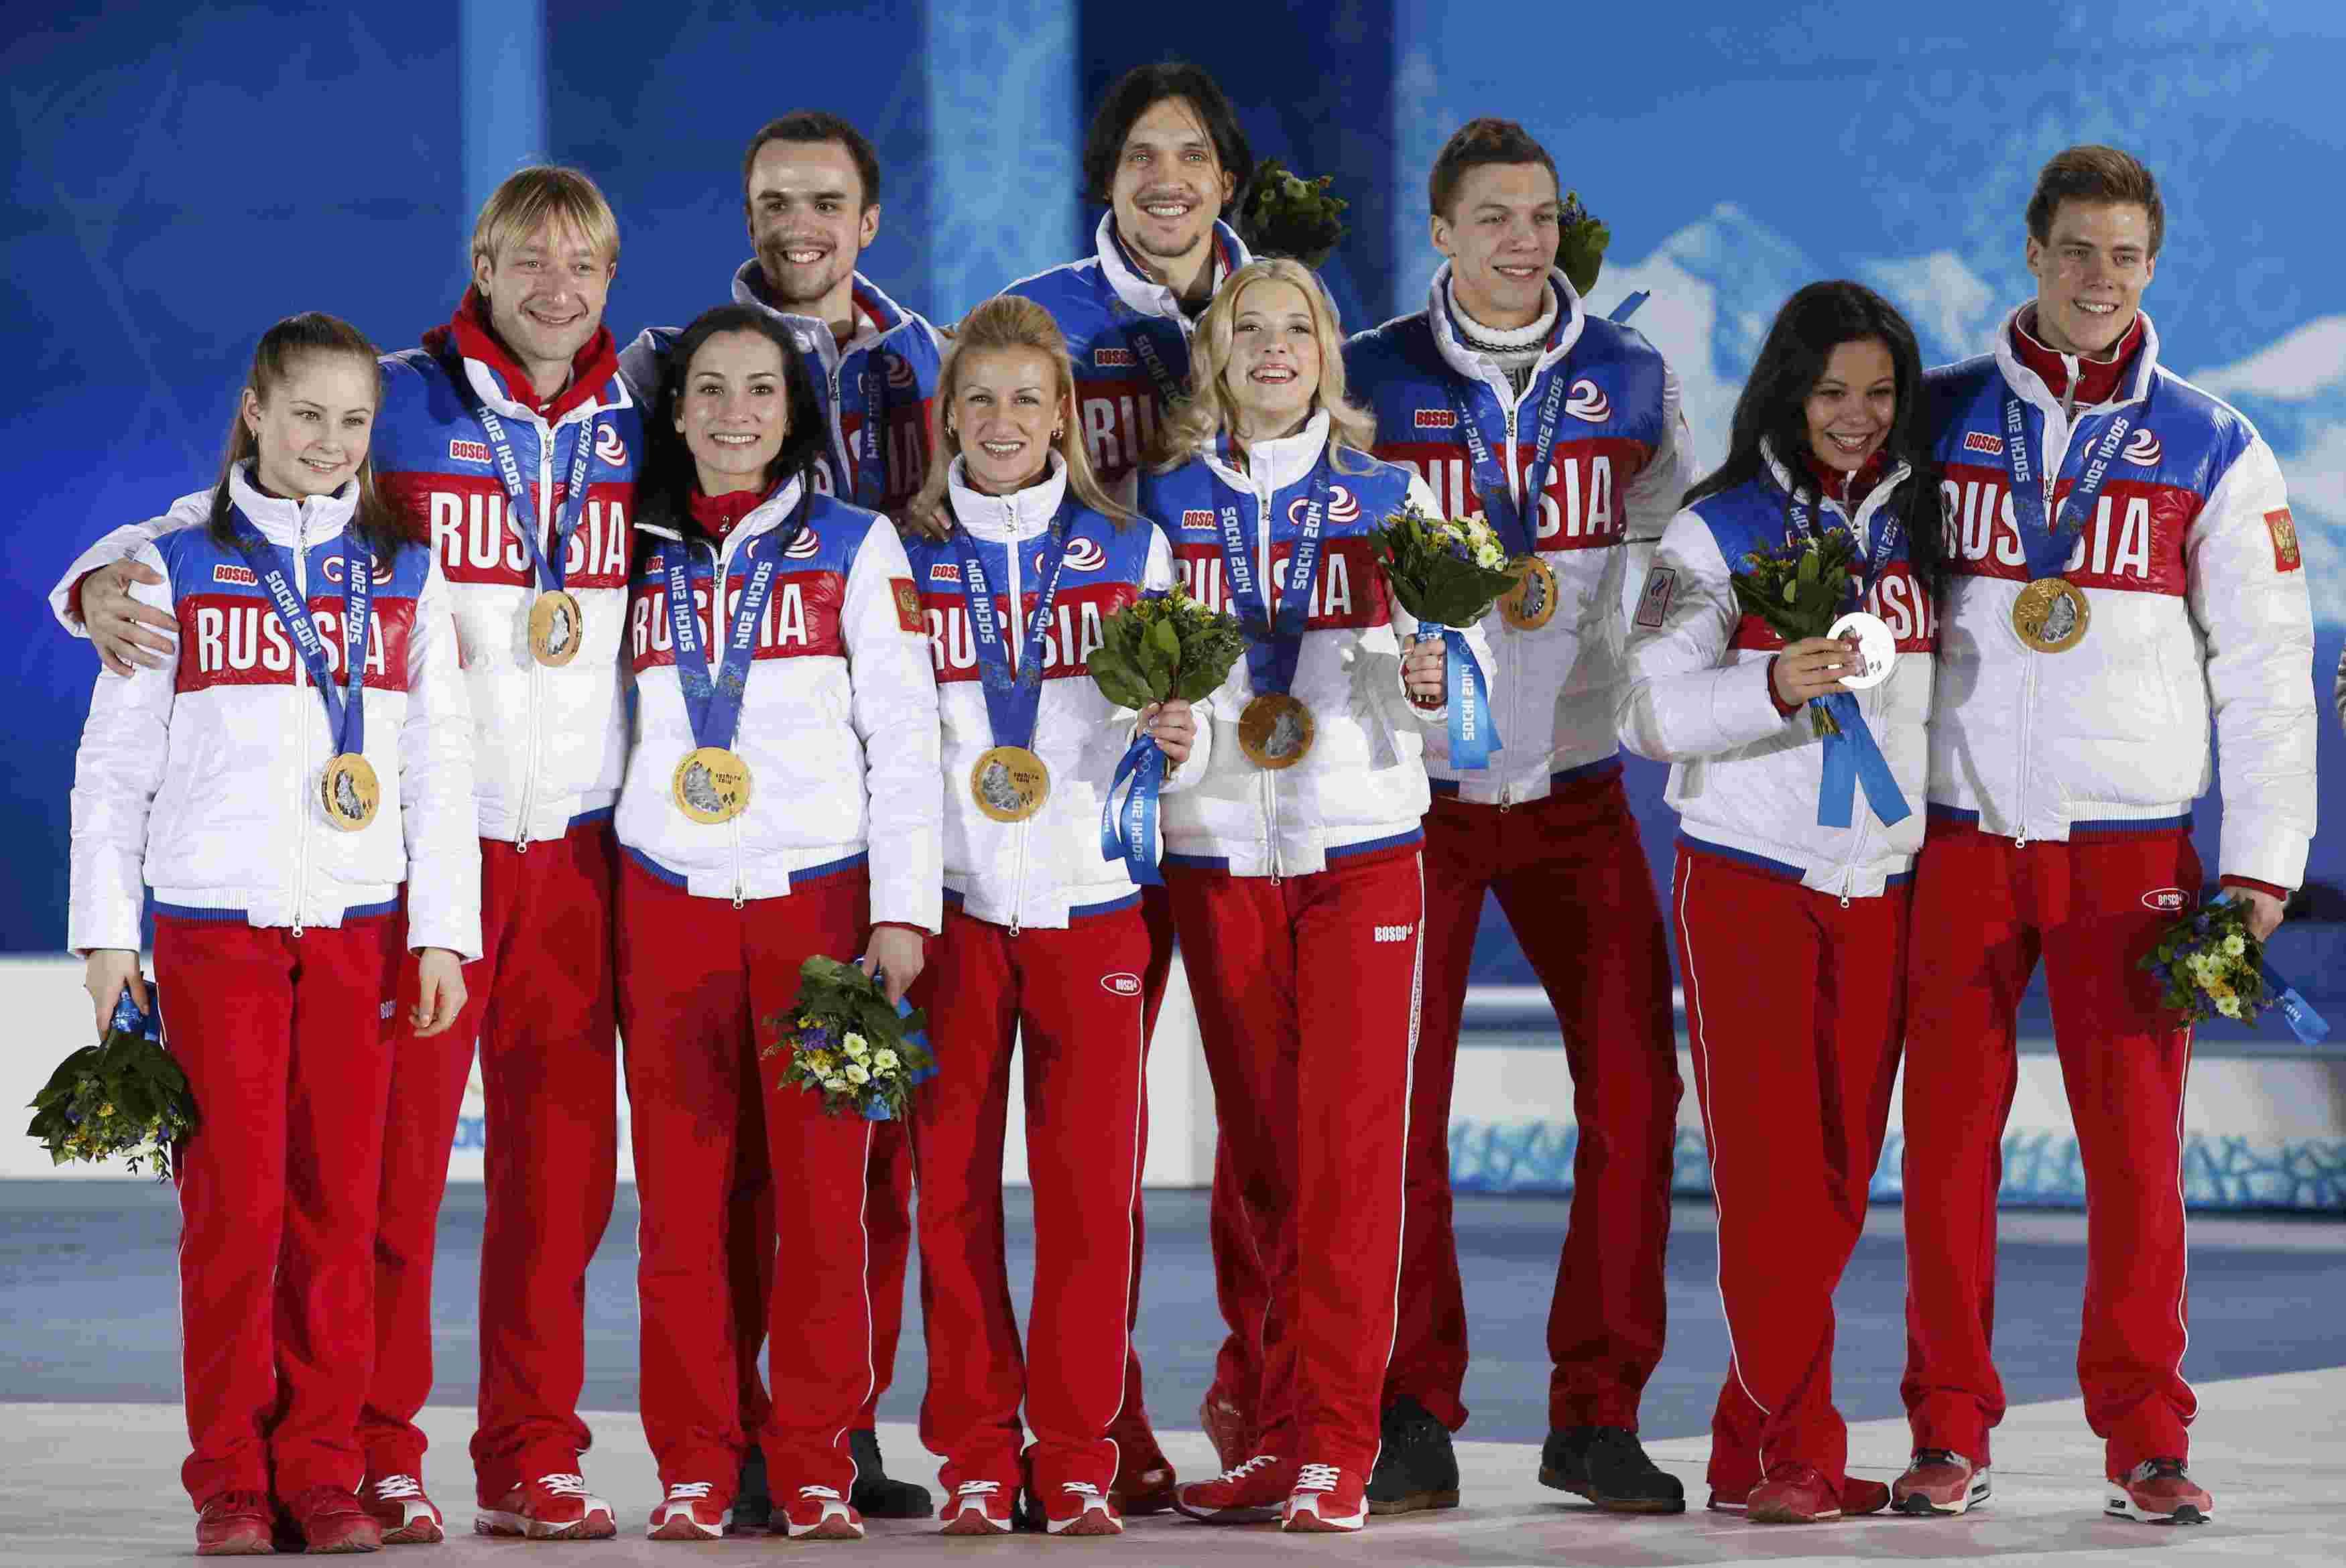 Все российские чемпионы Олимпиады в Сочи ОЛИМПИАДА Сочи  СОЧИ 2014